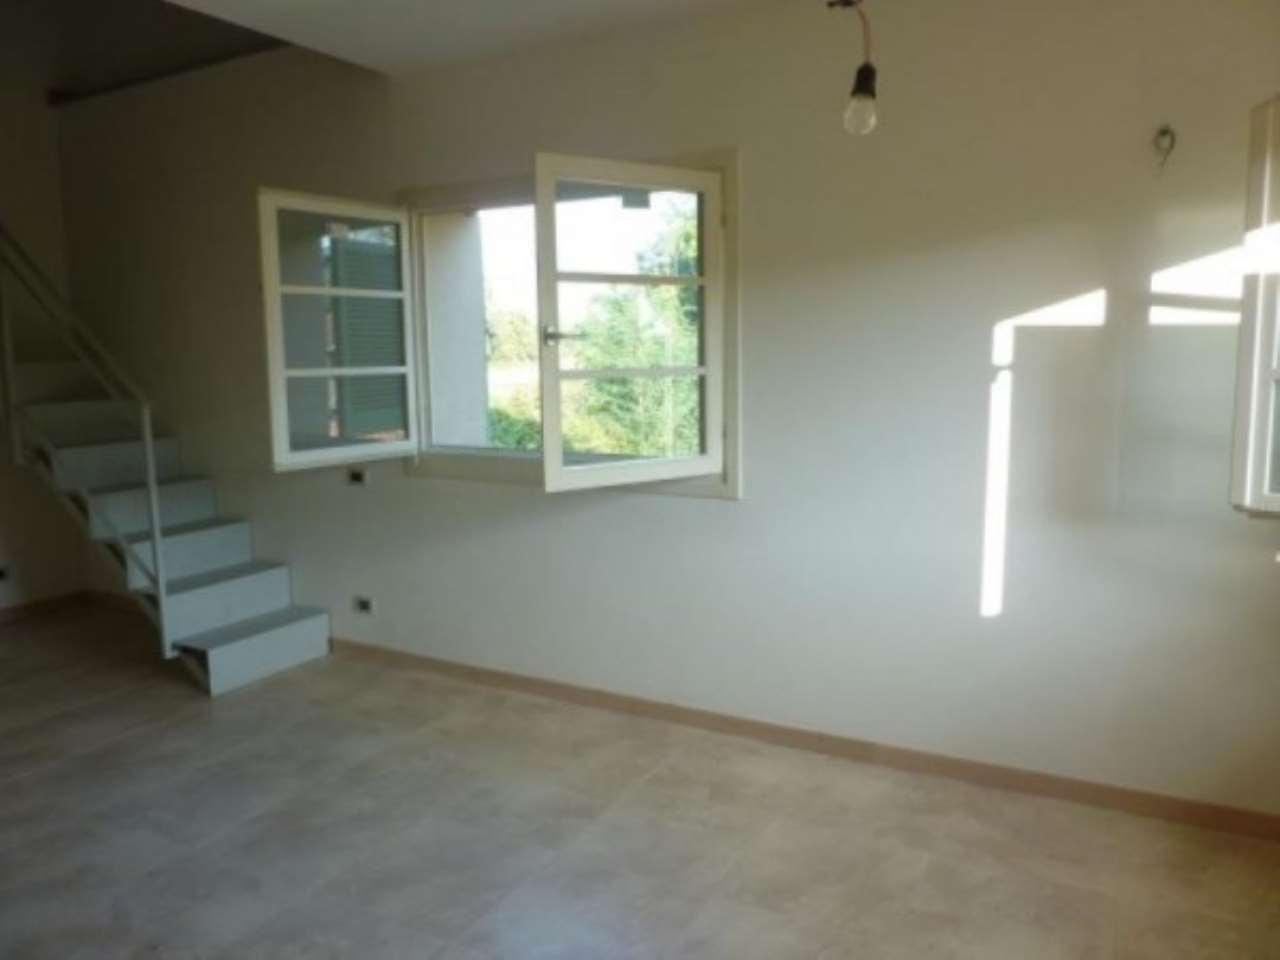 Appartamento in vendita a Quarrata, 5 locali, prezzo € 199.000 | CambioCasa.it